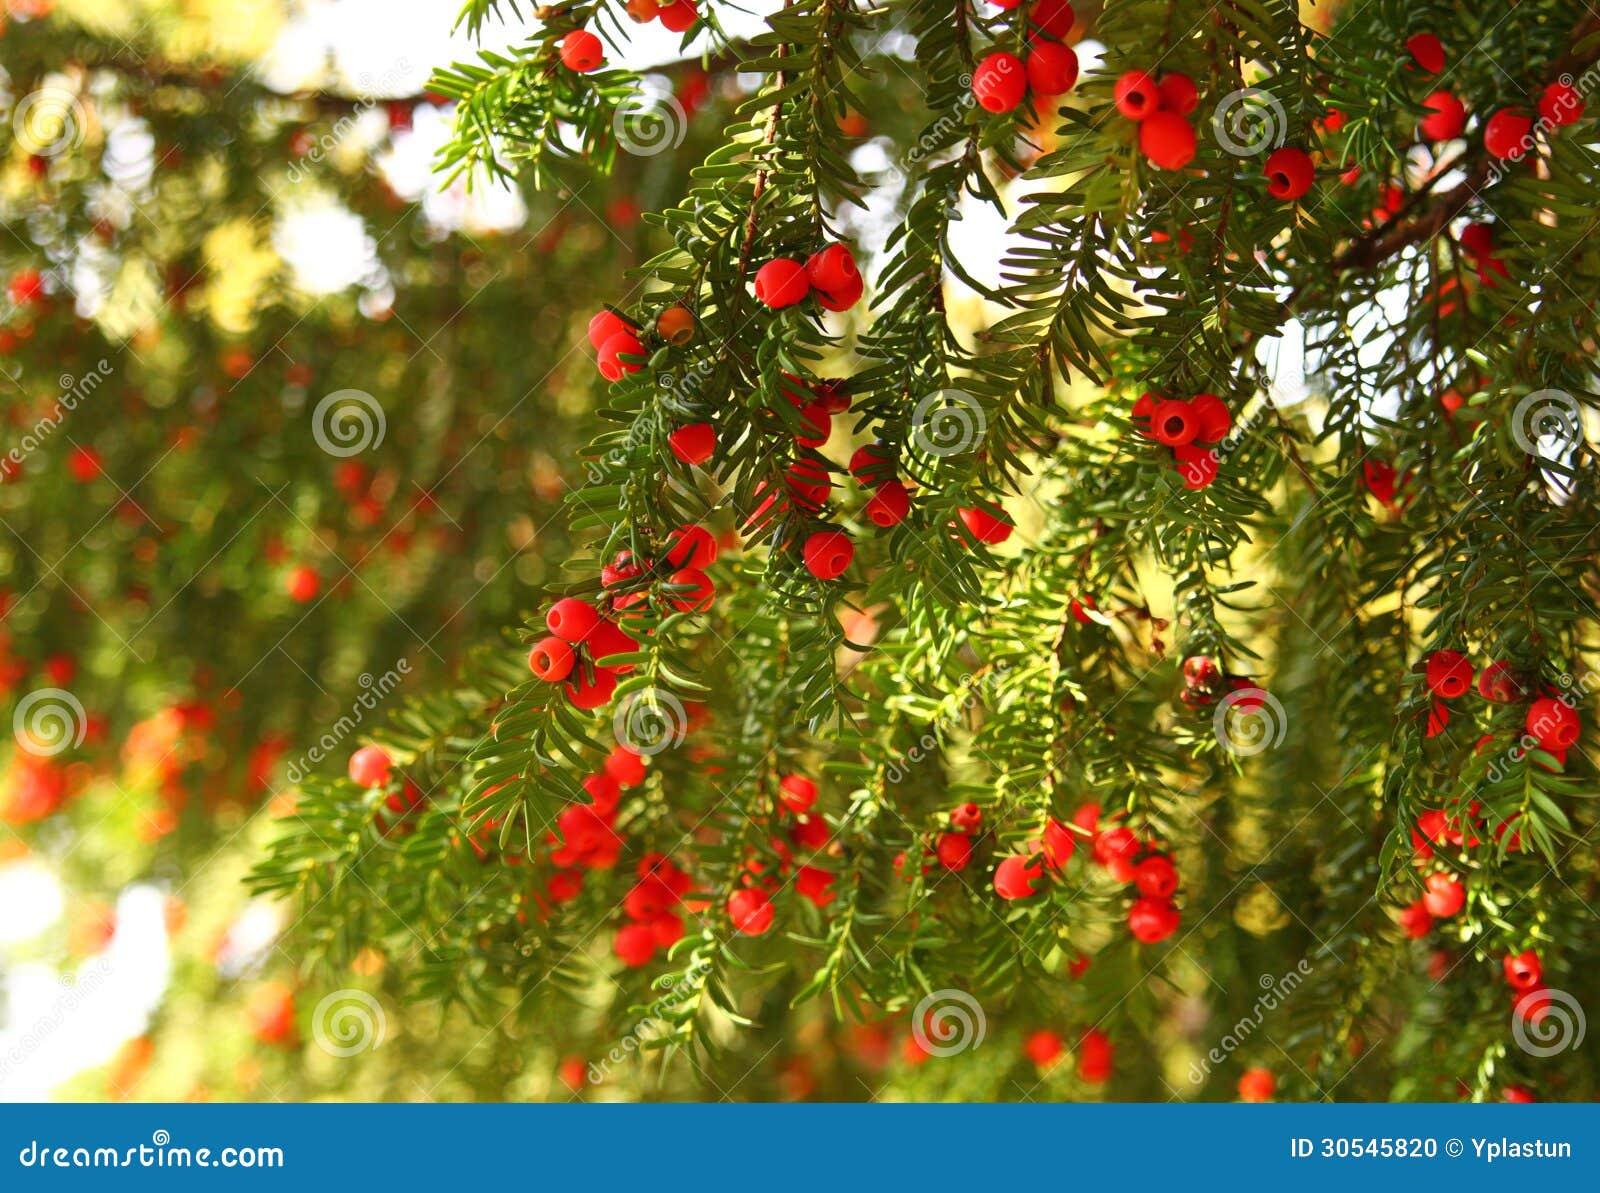 Albero Con Bacche Rosse albero sempreverde con le bacche rosse fotografia stock